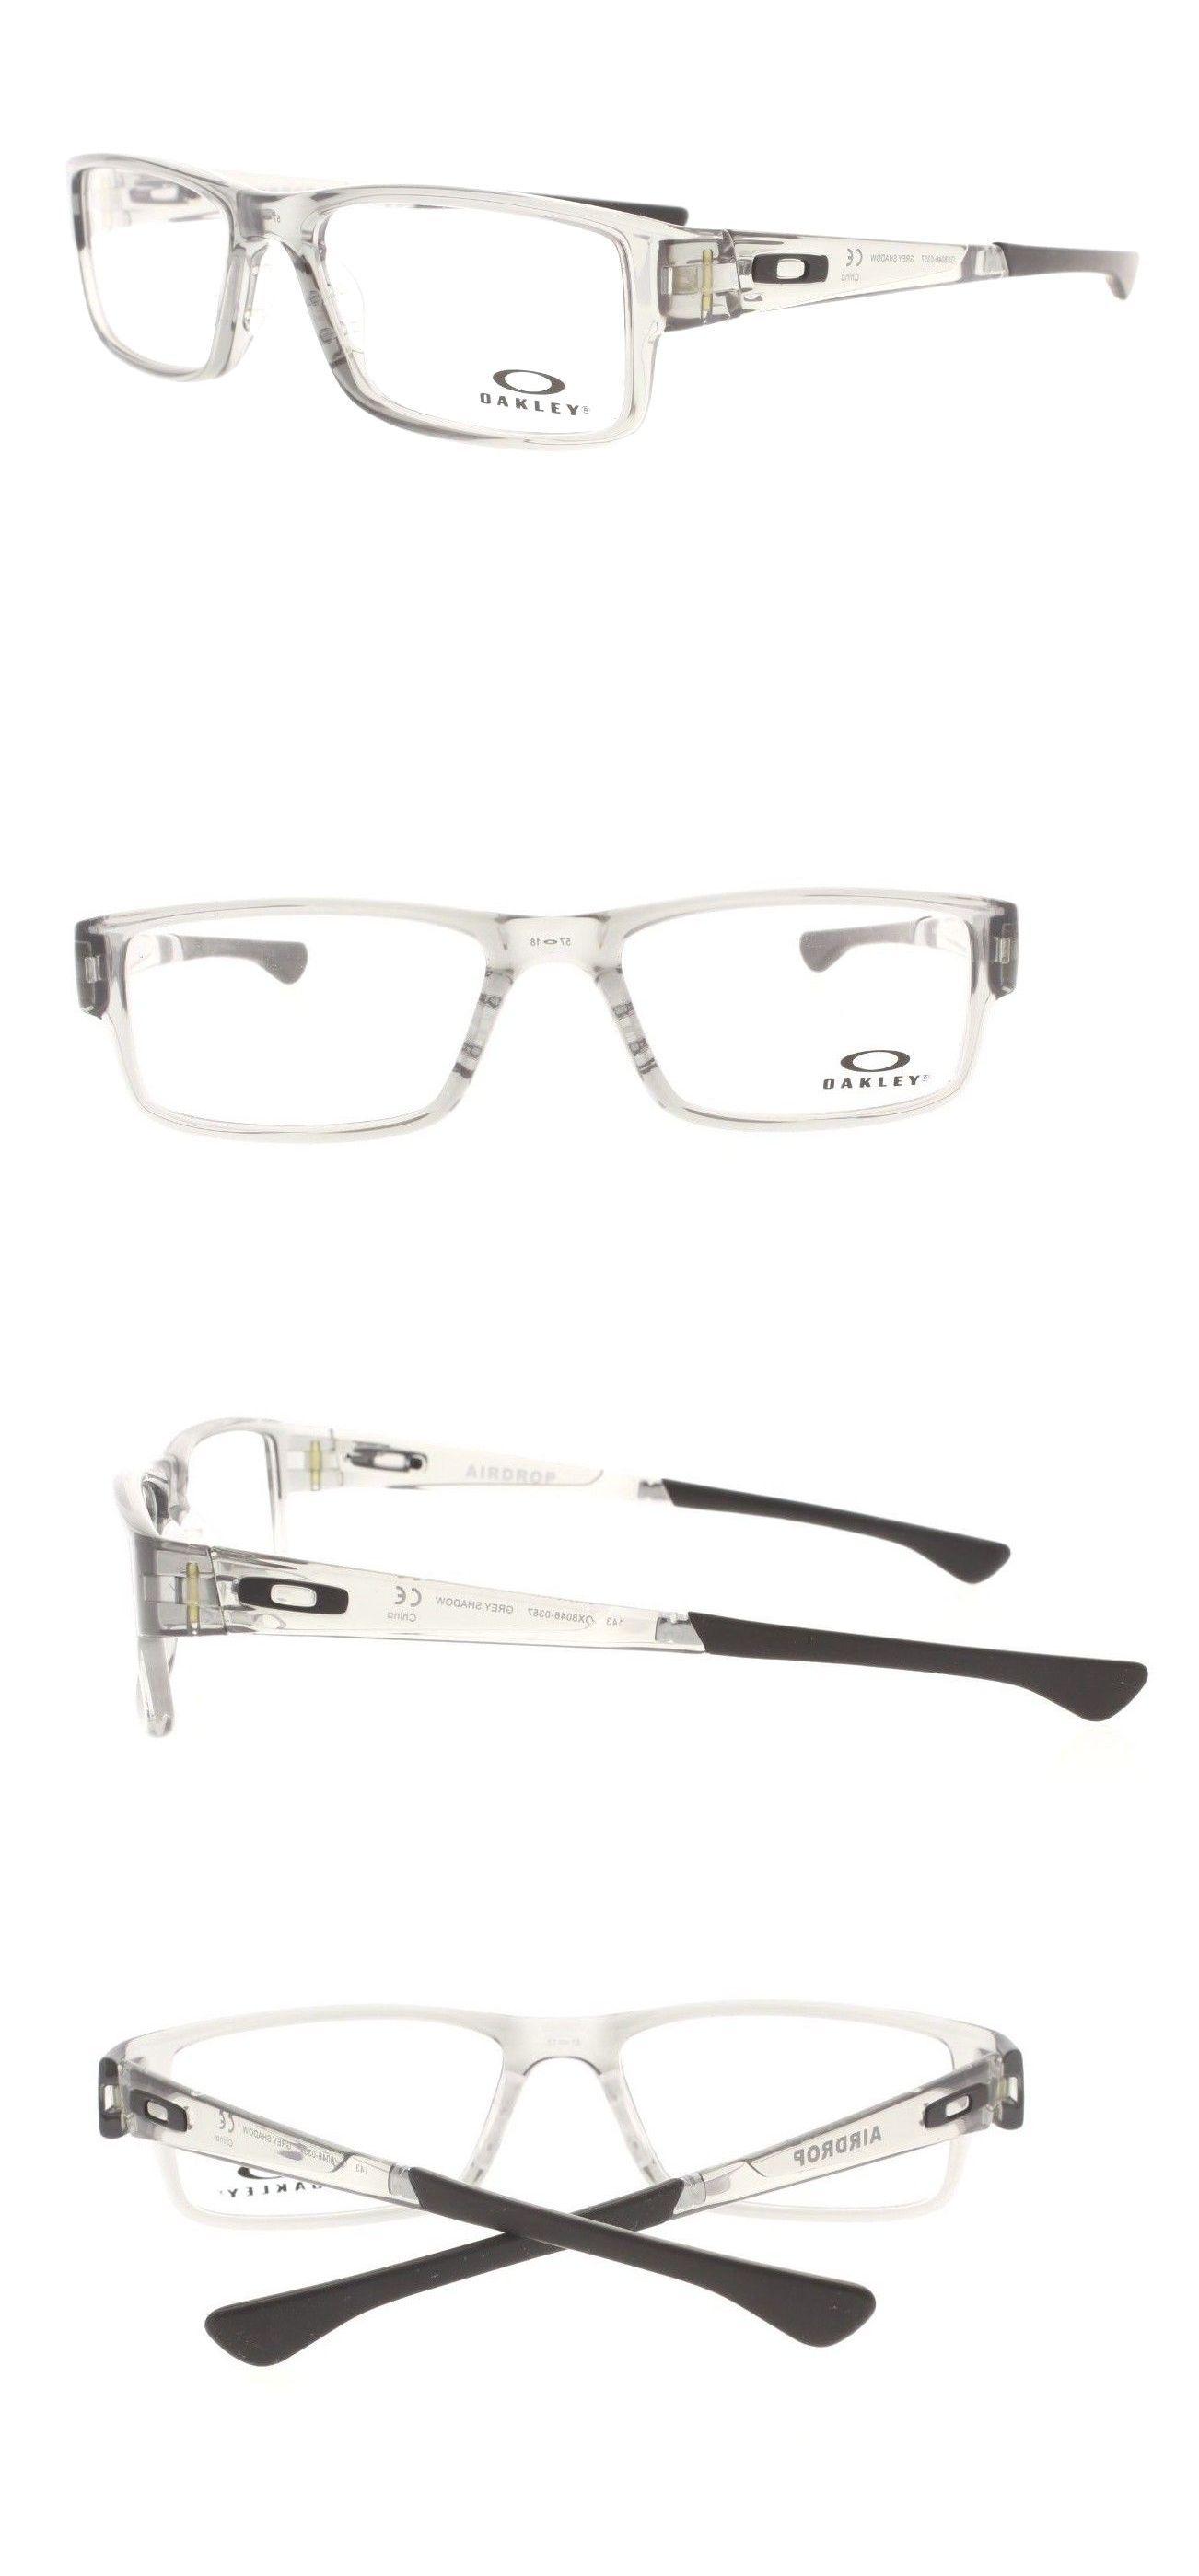 b32078dff6 Eyeglass Frames 180957  Oakley Airdrop Ox 8046-0357 Grey Shadow Rx  Eyeglasses 57Mm Auth